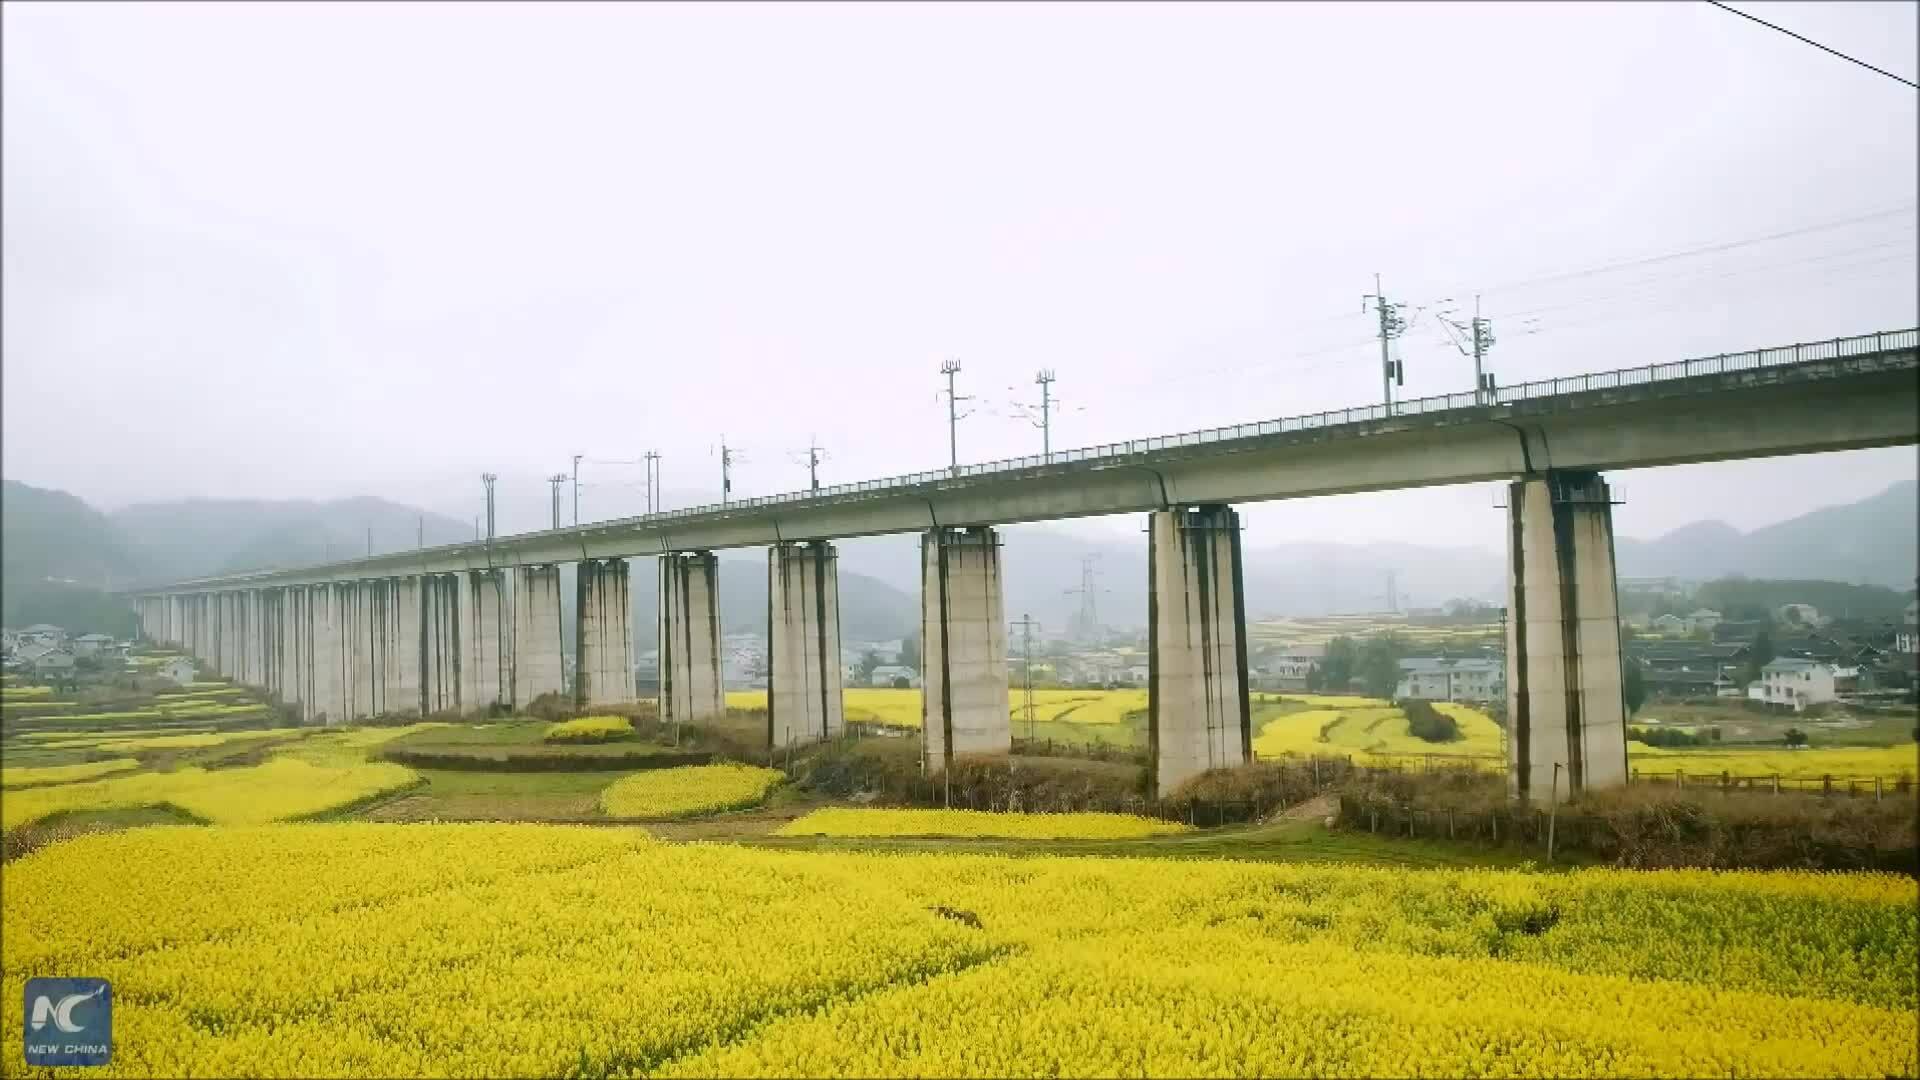 Tuyến đường sắt chạy qua cánh đồng hoa cải vàng